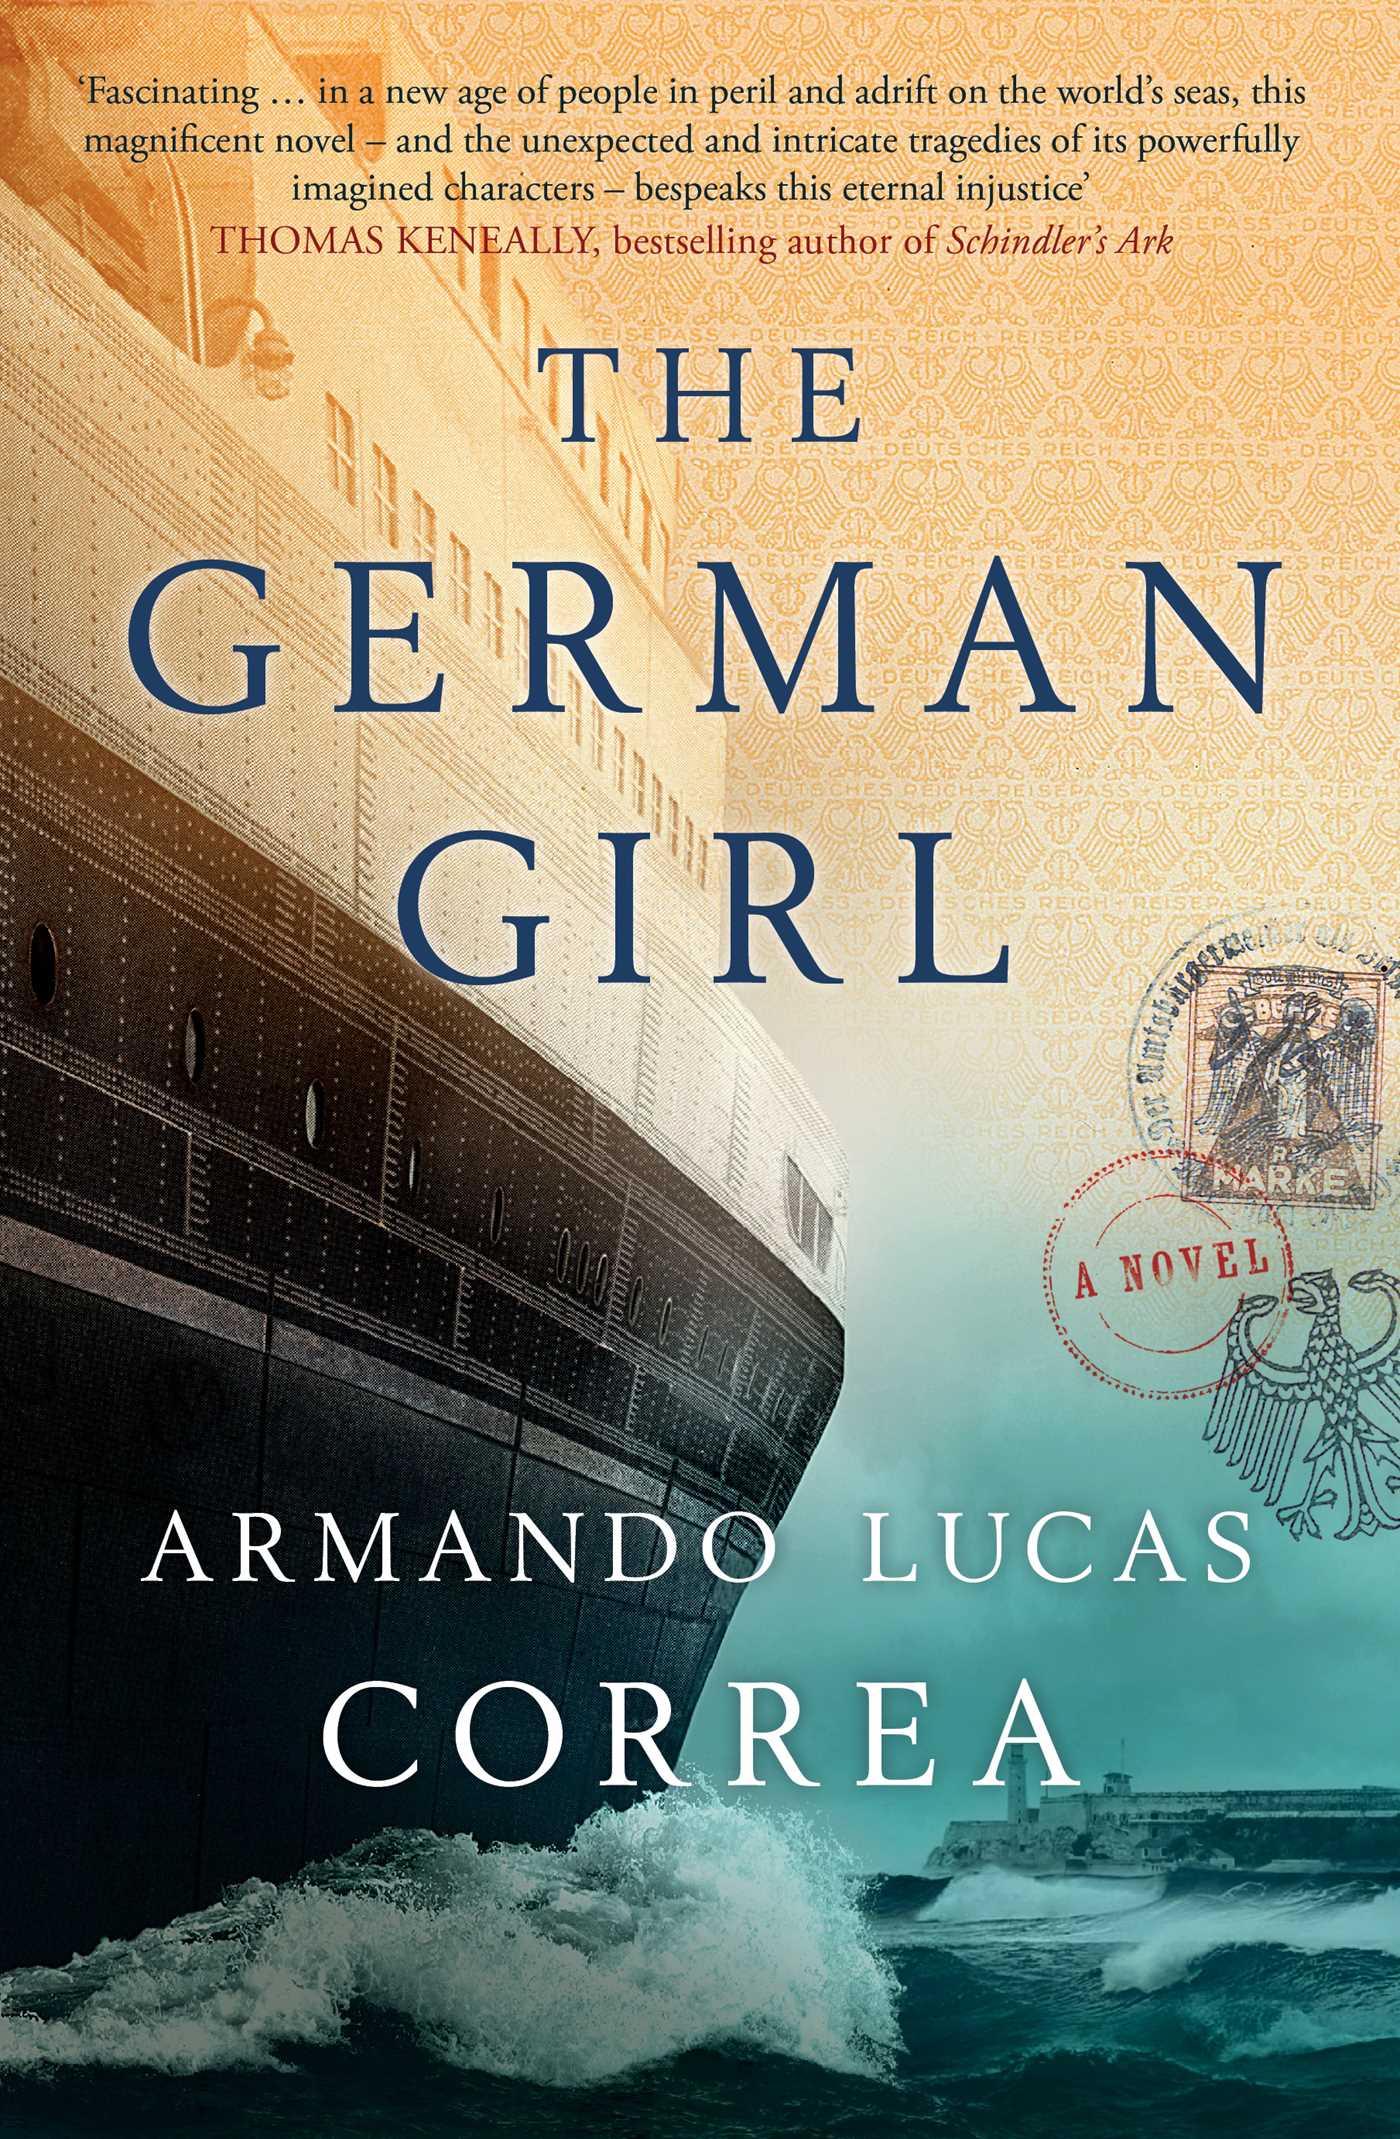 The german girl 9781471161605 hr